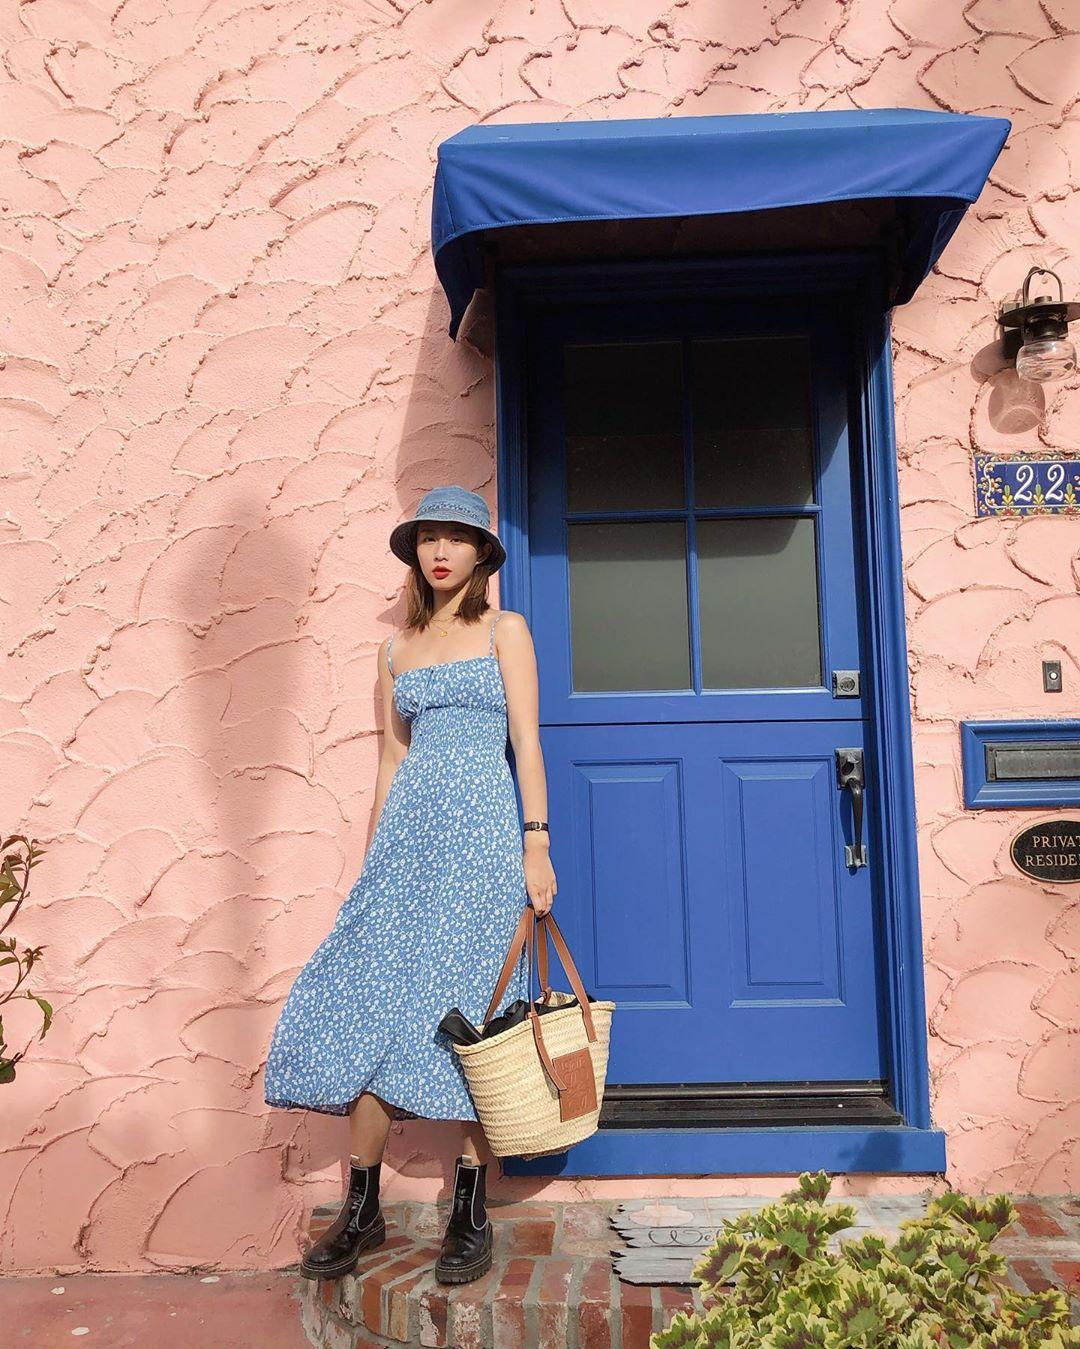 túi tote đan cói mùa hè đầm hai dây họa tiết hoa mũ bucket